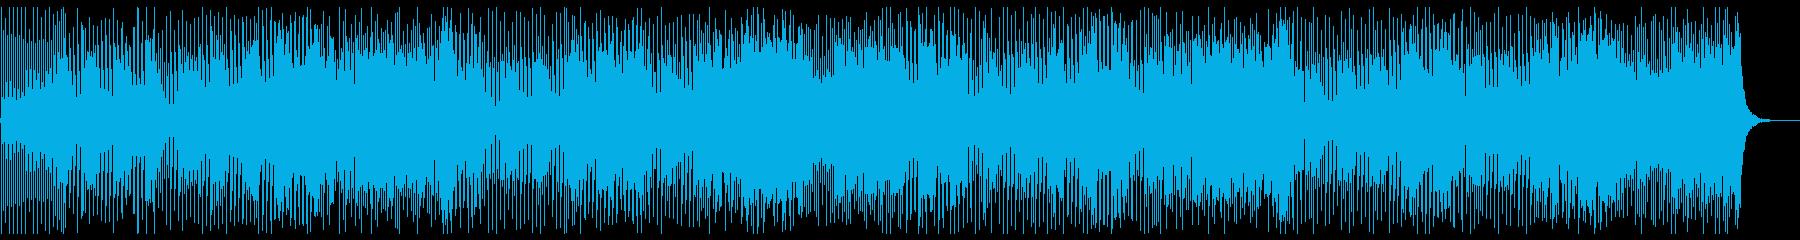 万能選手のブラスポップの再生済みの波形